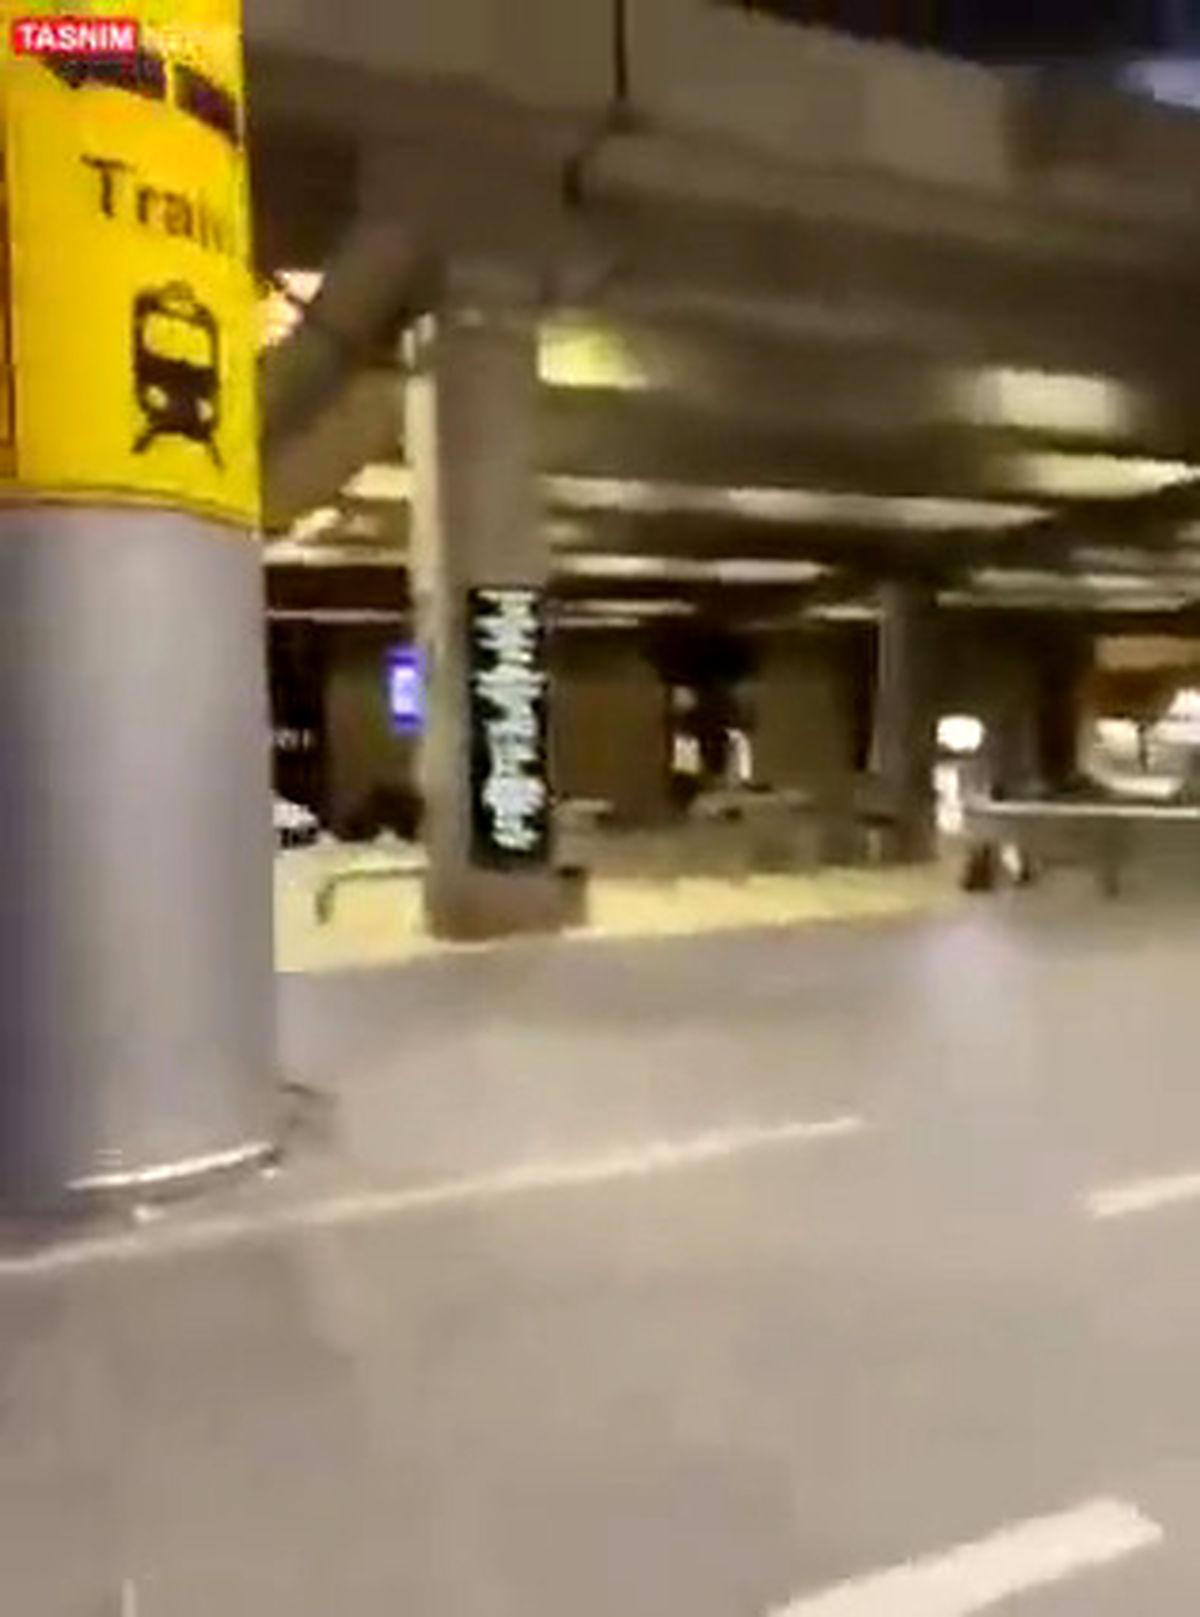 موشک های گردان های قسام  برفراز فرودگاه بن گورین +فیلم